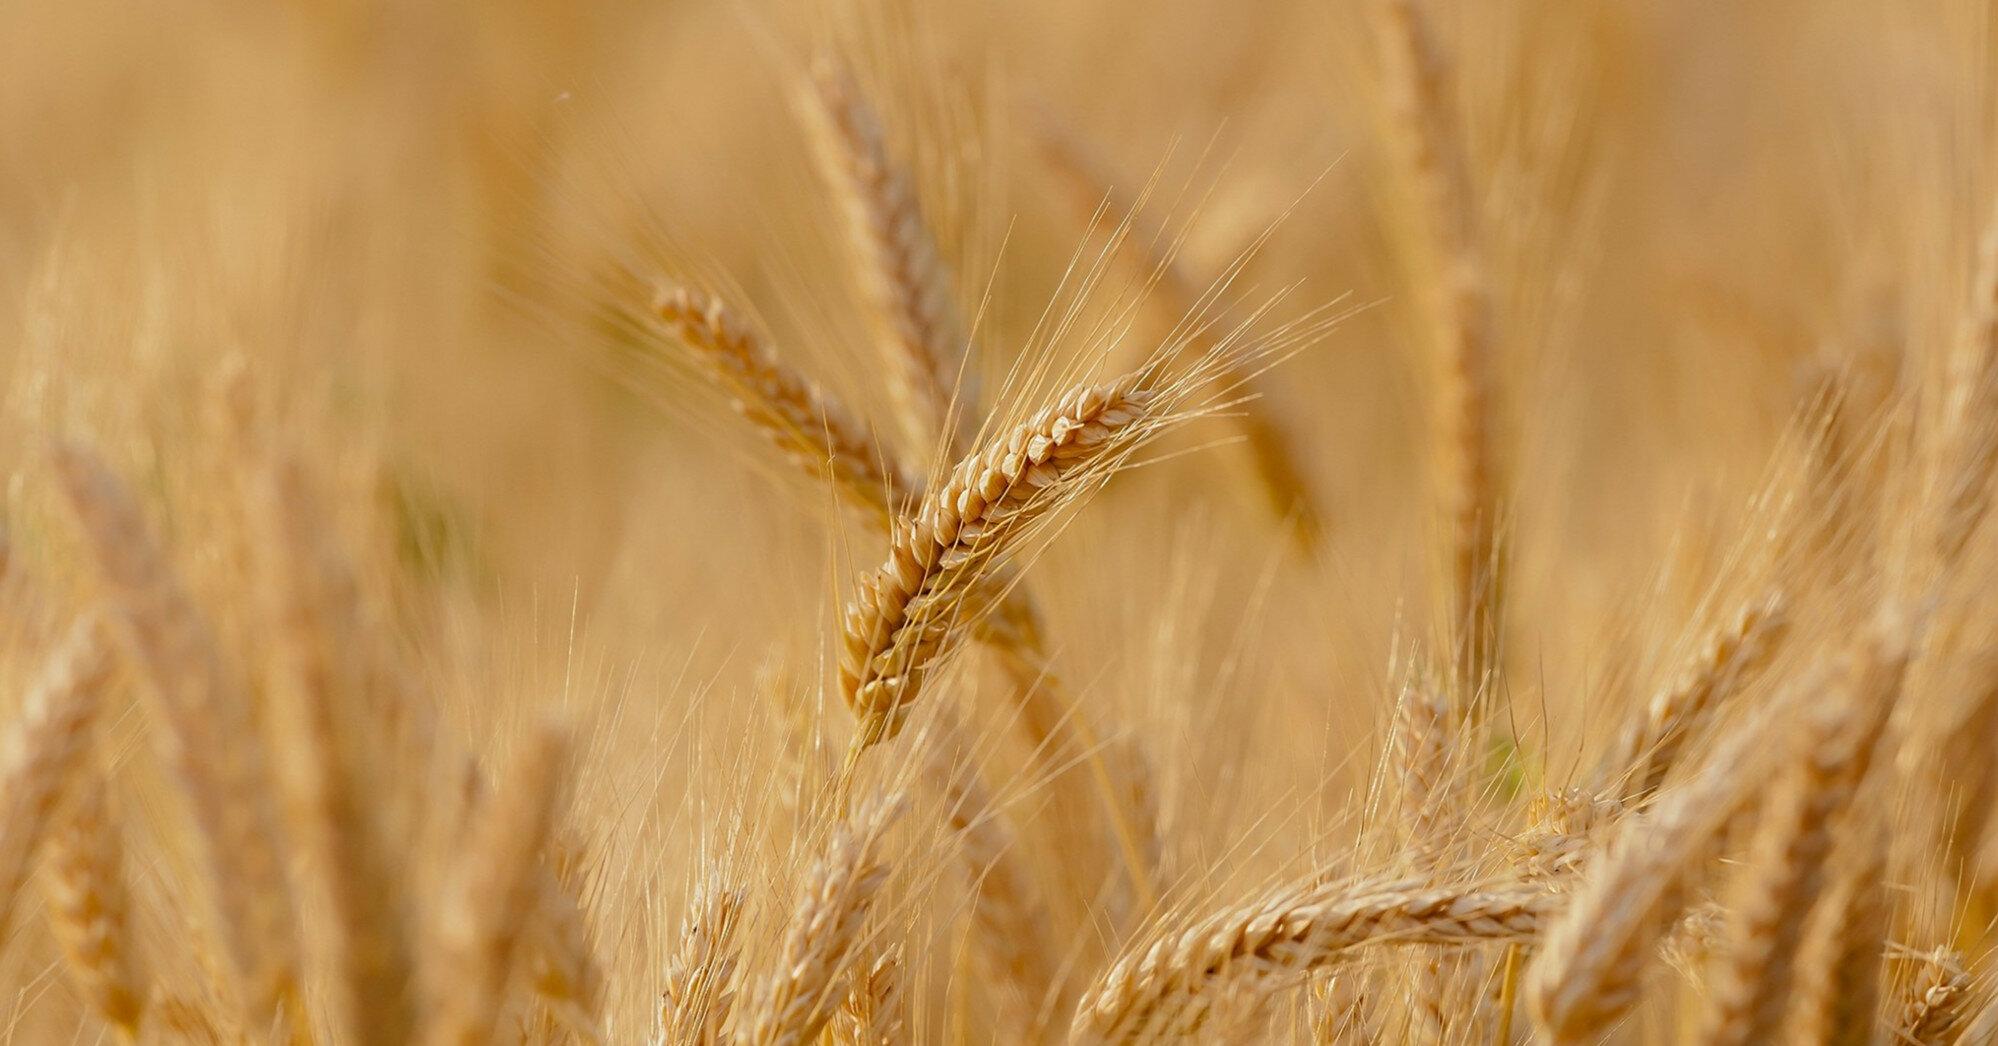 Україна повторить рекорд експорту зерна: прогноз